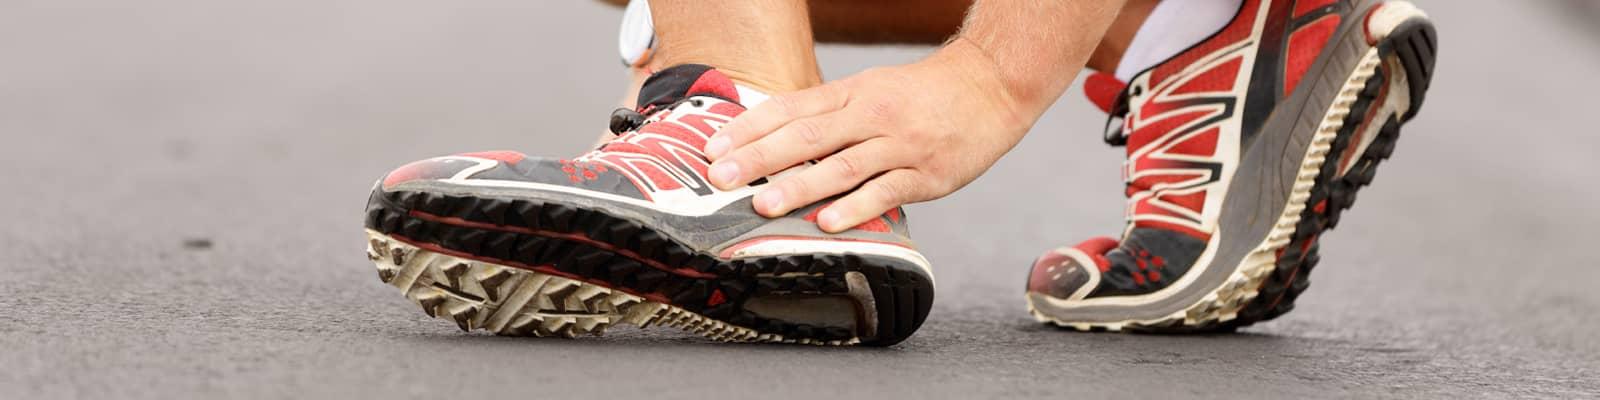 Lesiones del deportista